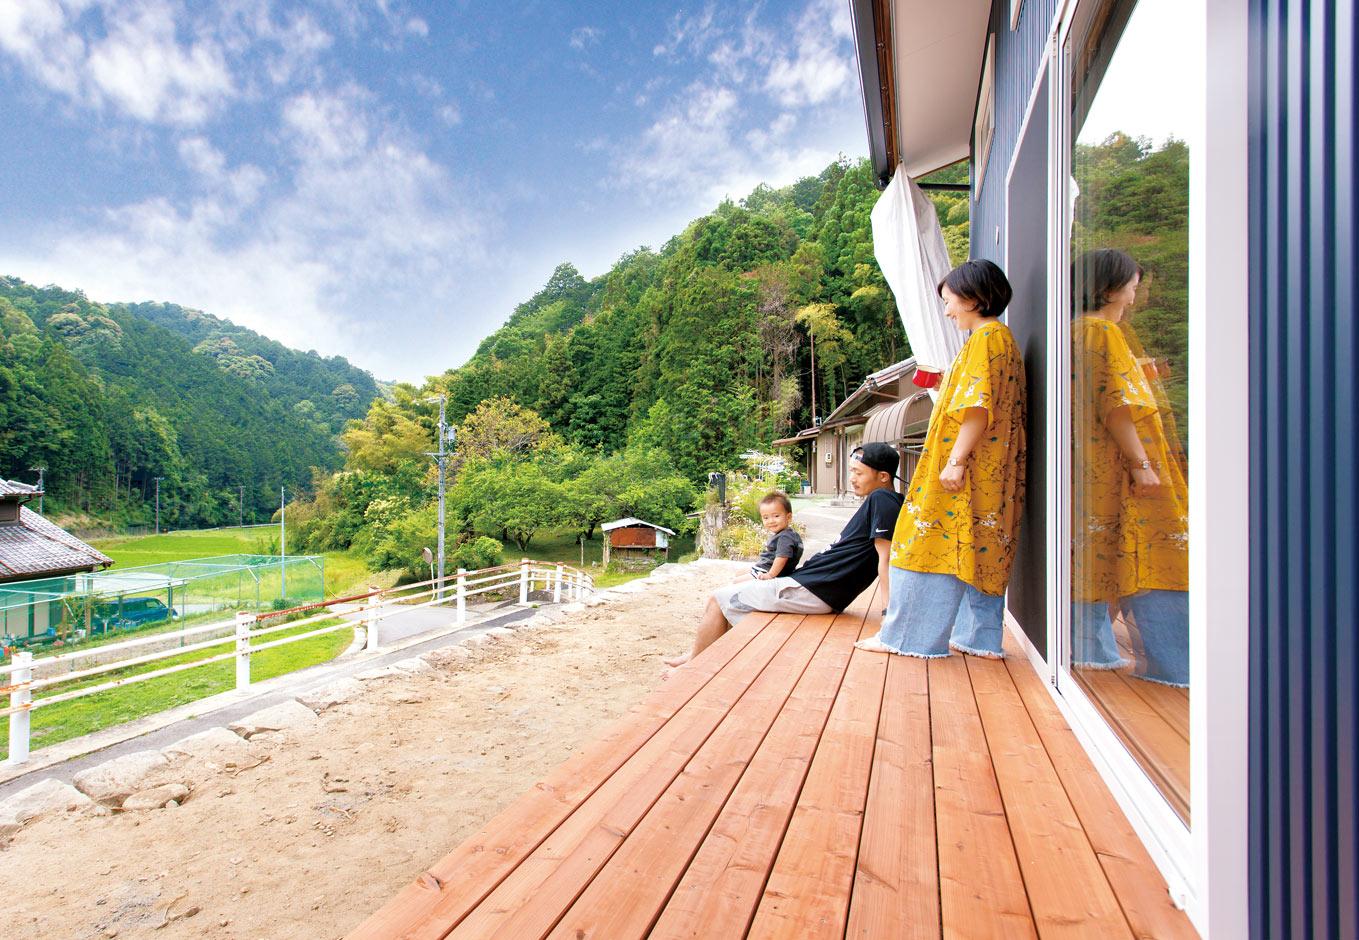 くらはし建築【収納力、省エネ、間取り】S邸は、山間の高台に立地。ウッドデッキからの眺望はみごと